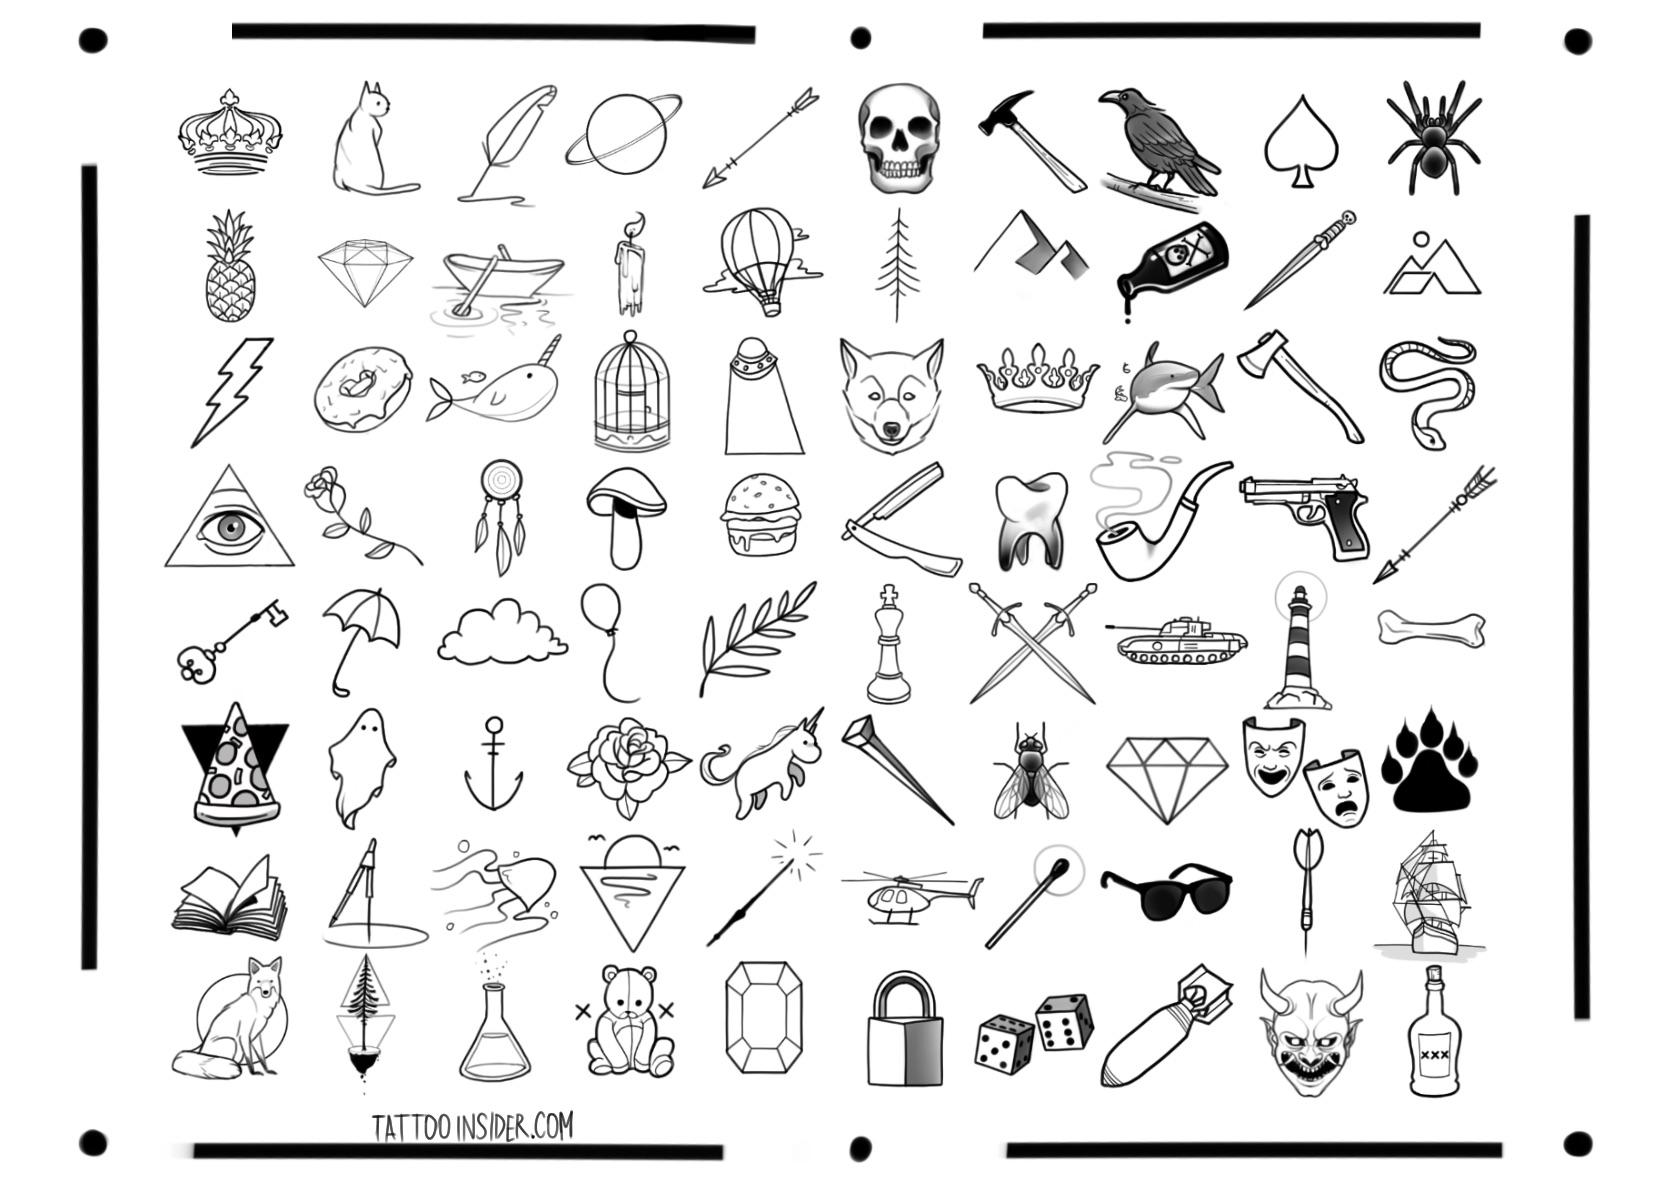 80 Small Tattoo ideas